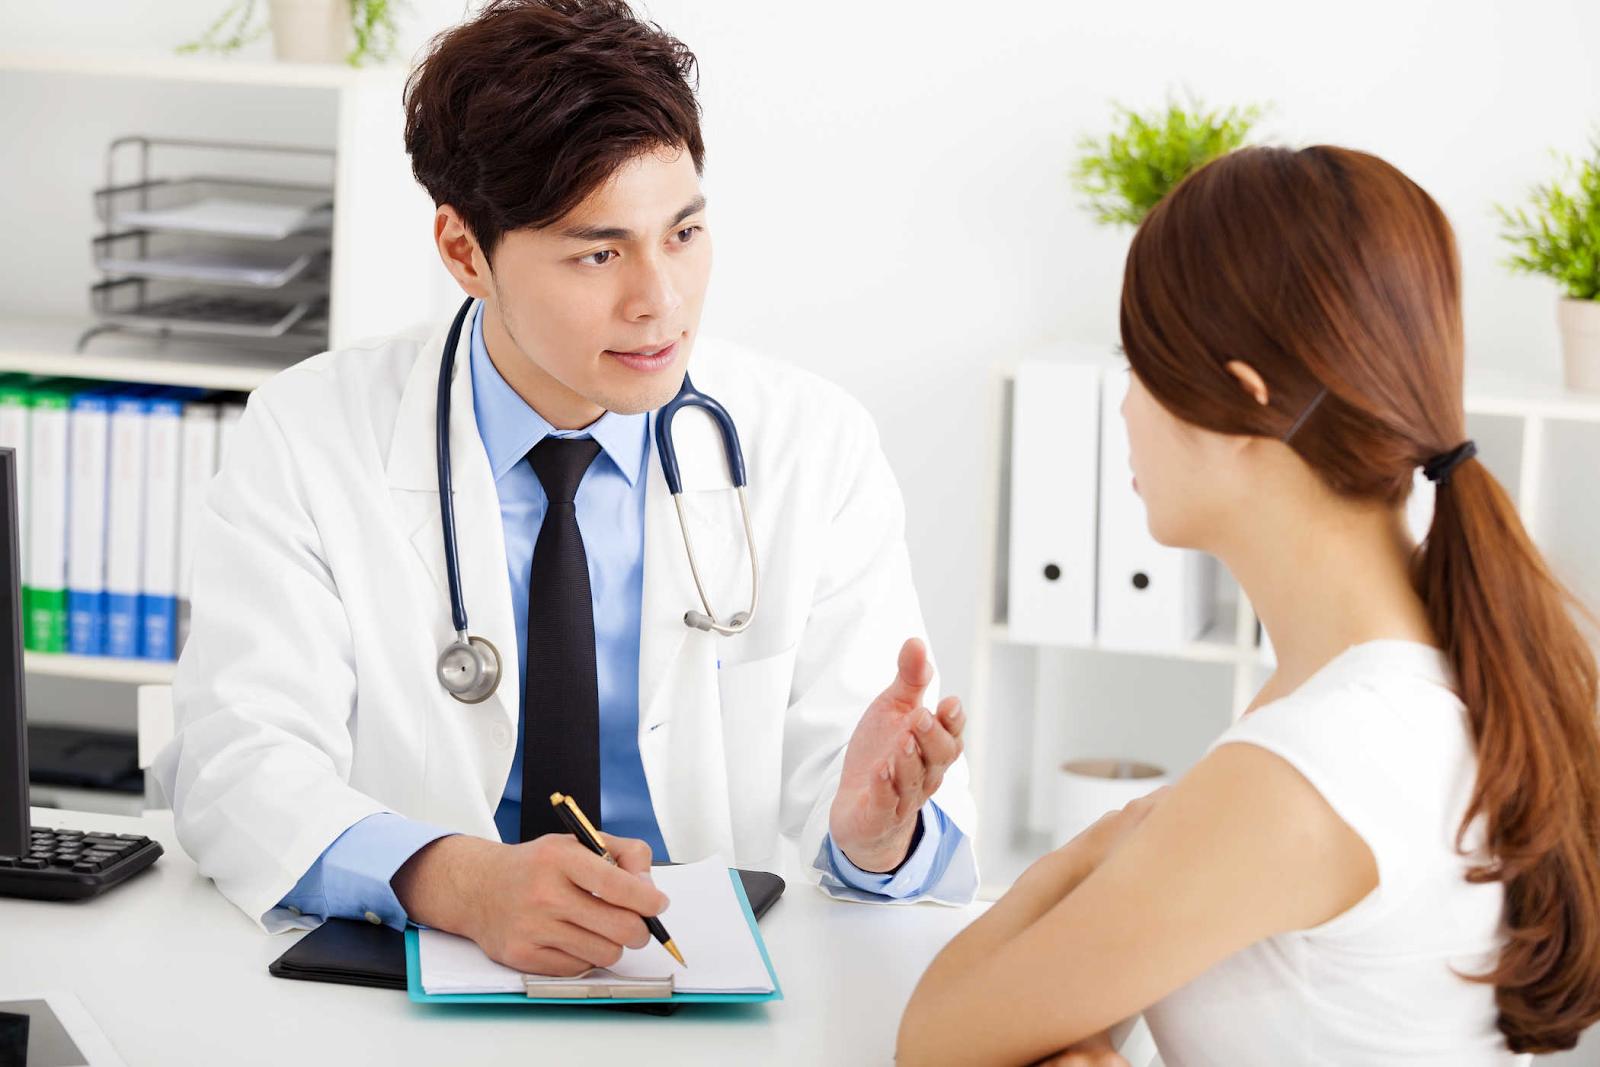 đến bác sĩ tư vấn tăng cân hiệu quả